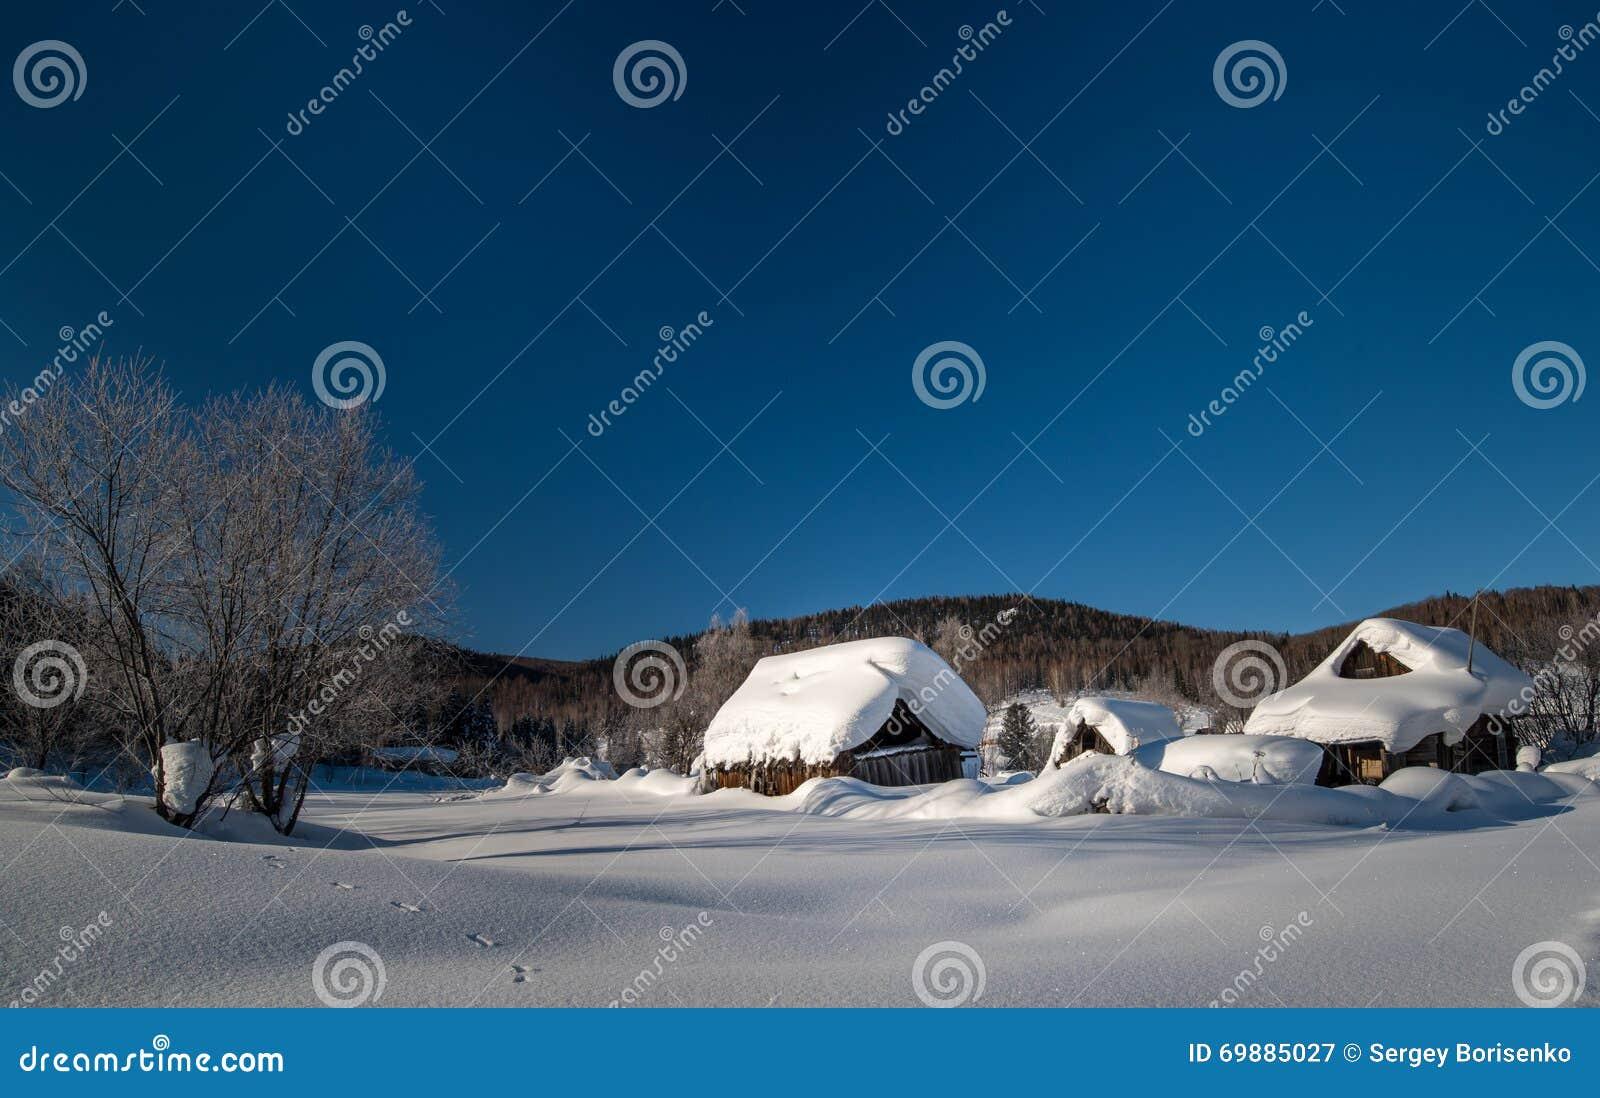 被毁坏的小屋在冬天